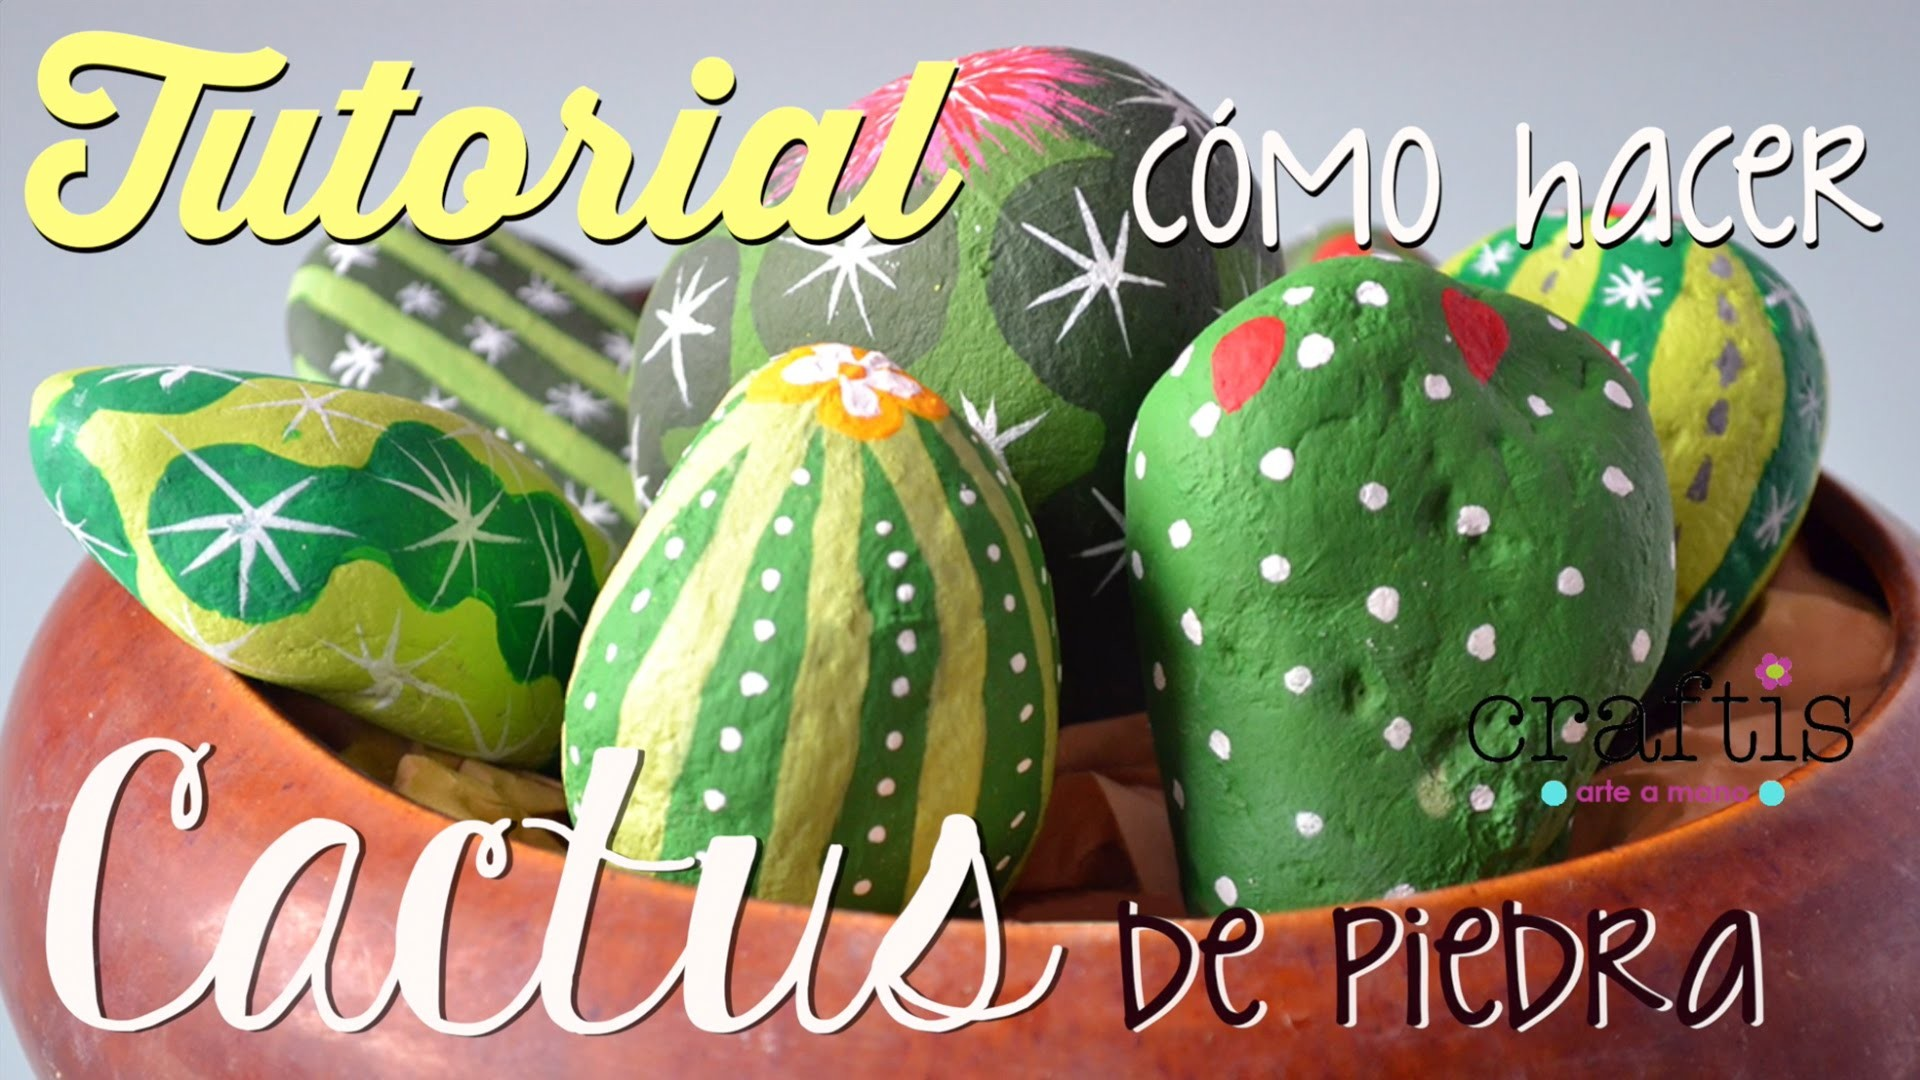 Tutorial: Cómo hacer cactus de piedras